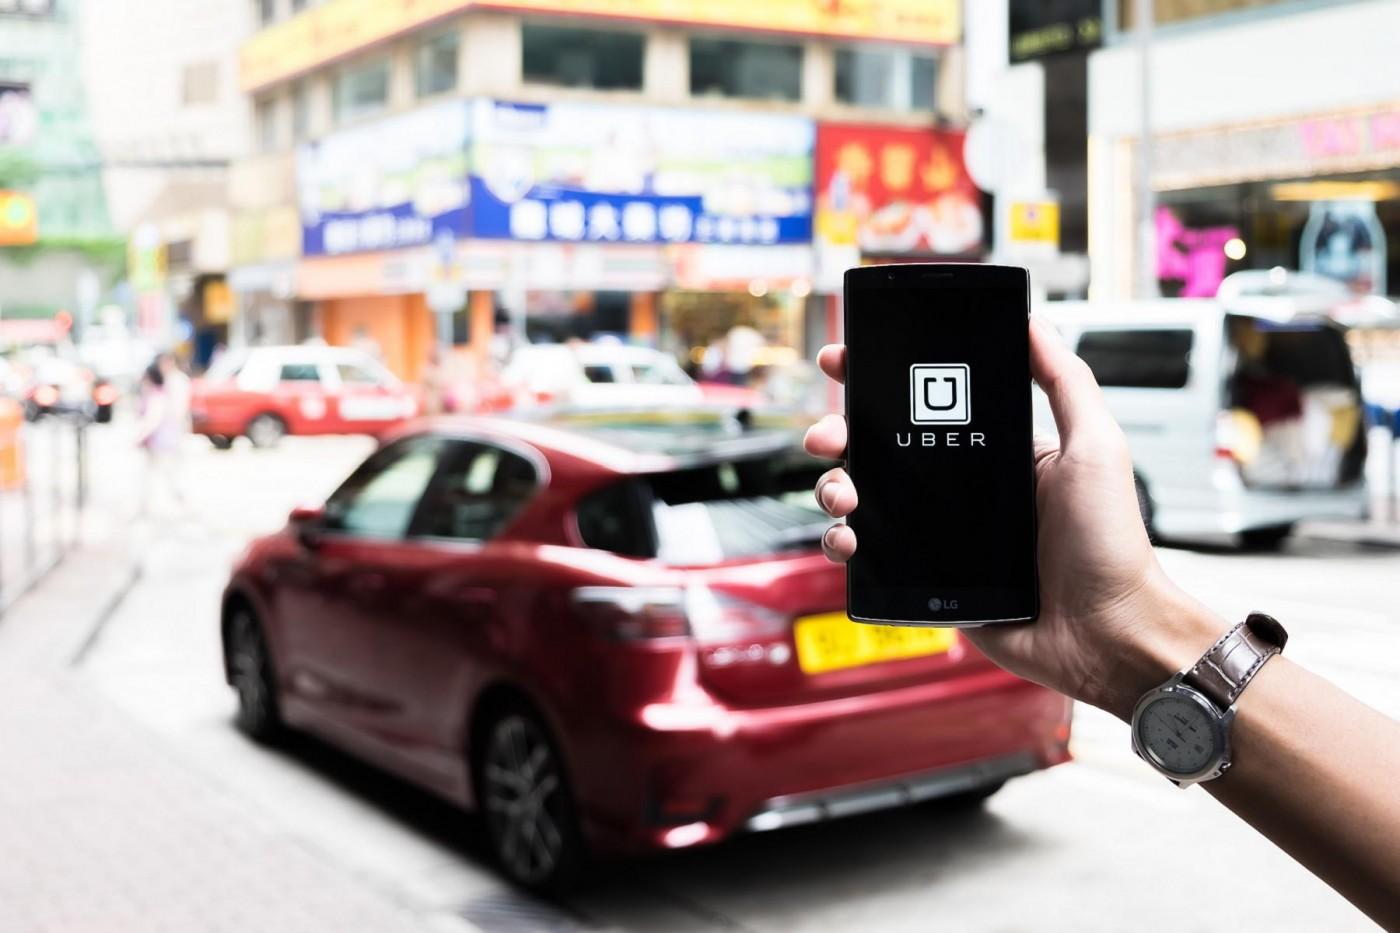 隨用隨停!像Uber一樣用法的運算服務,HPE為何台灣接單大增300%?